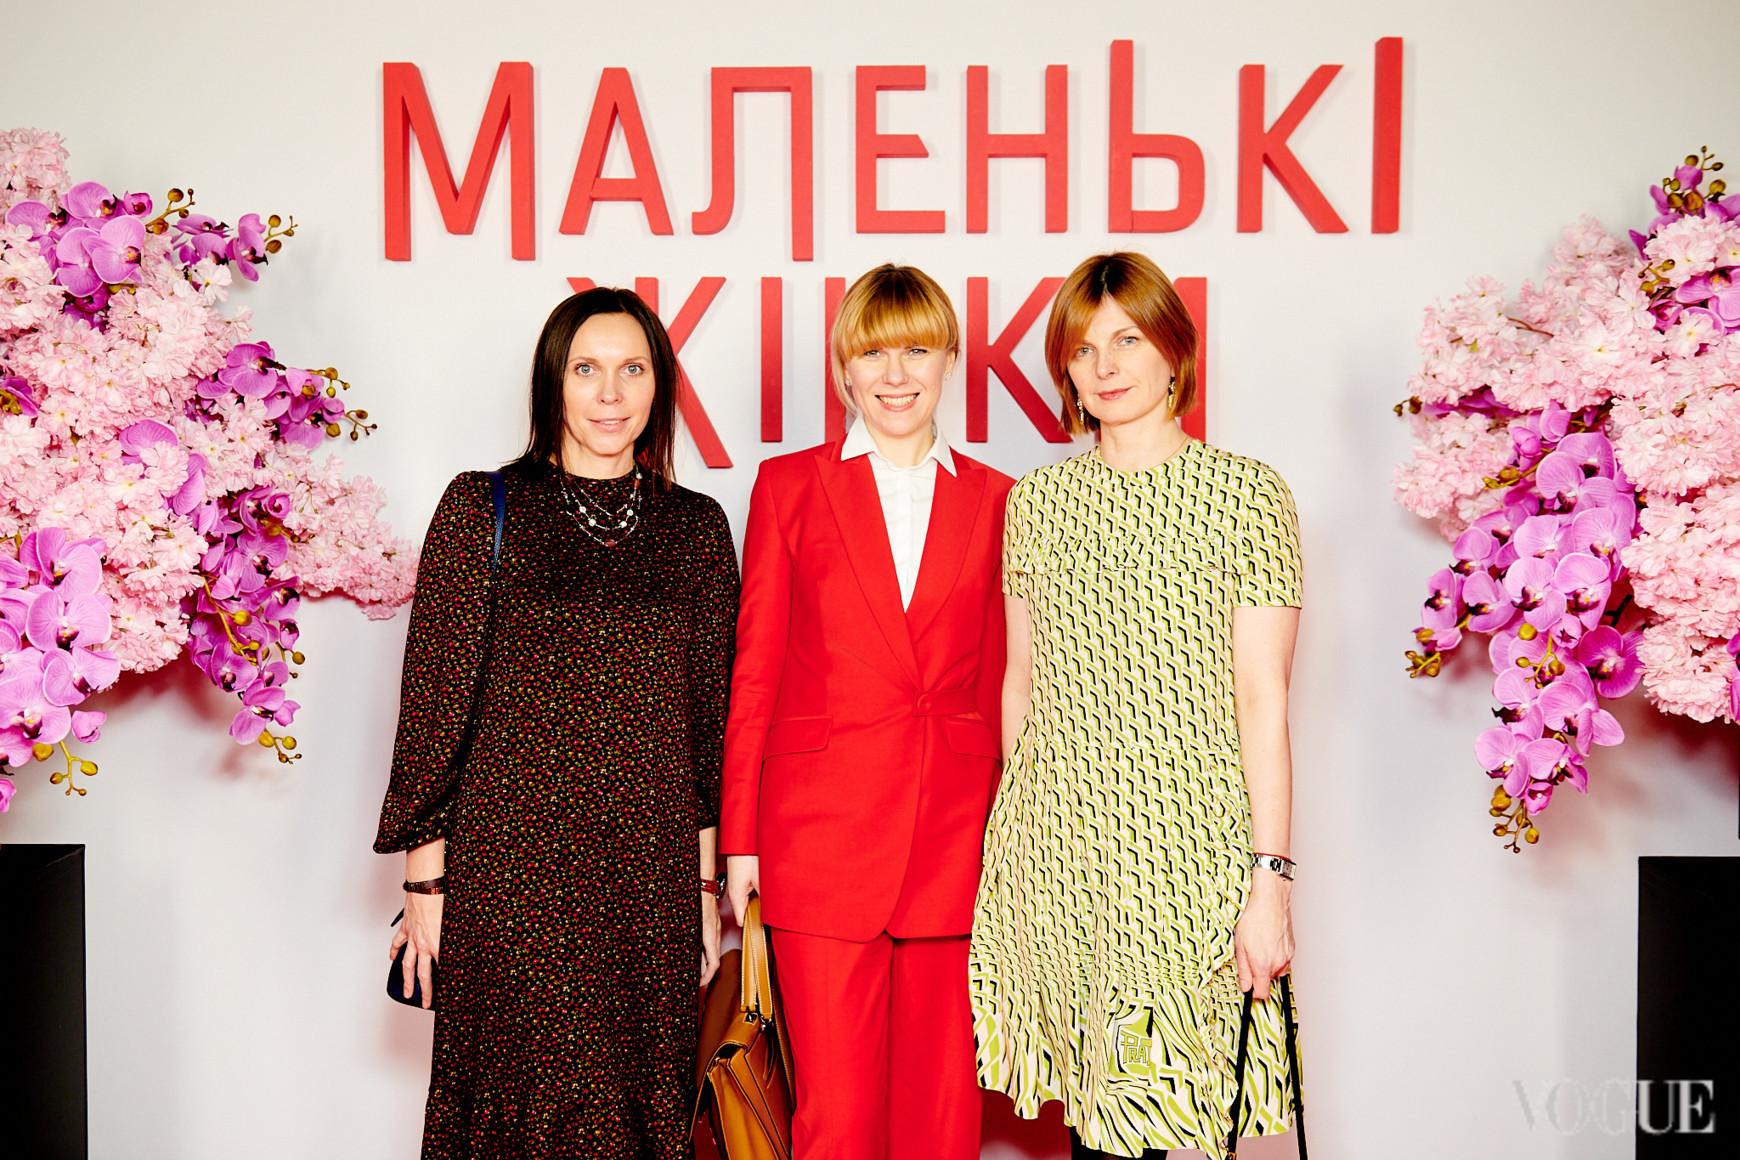 Наталья Савченко, Наталья Листопад и Екатерина Кулик